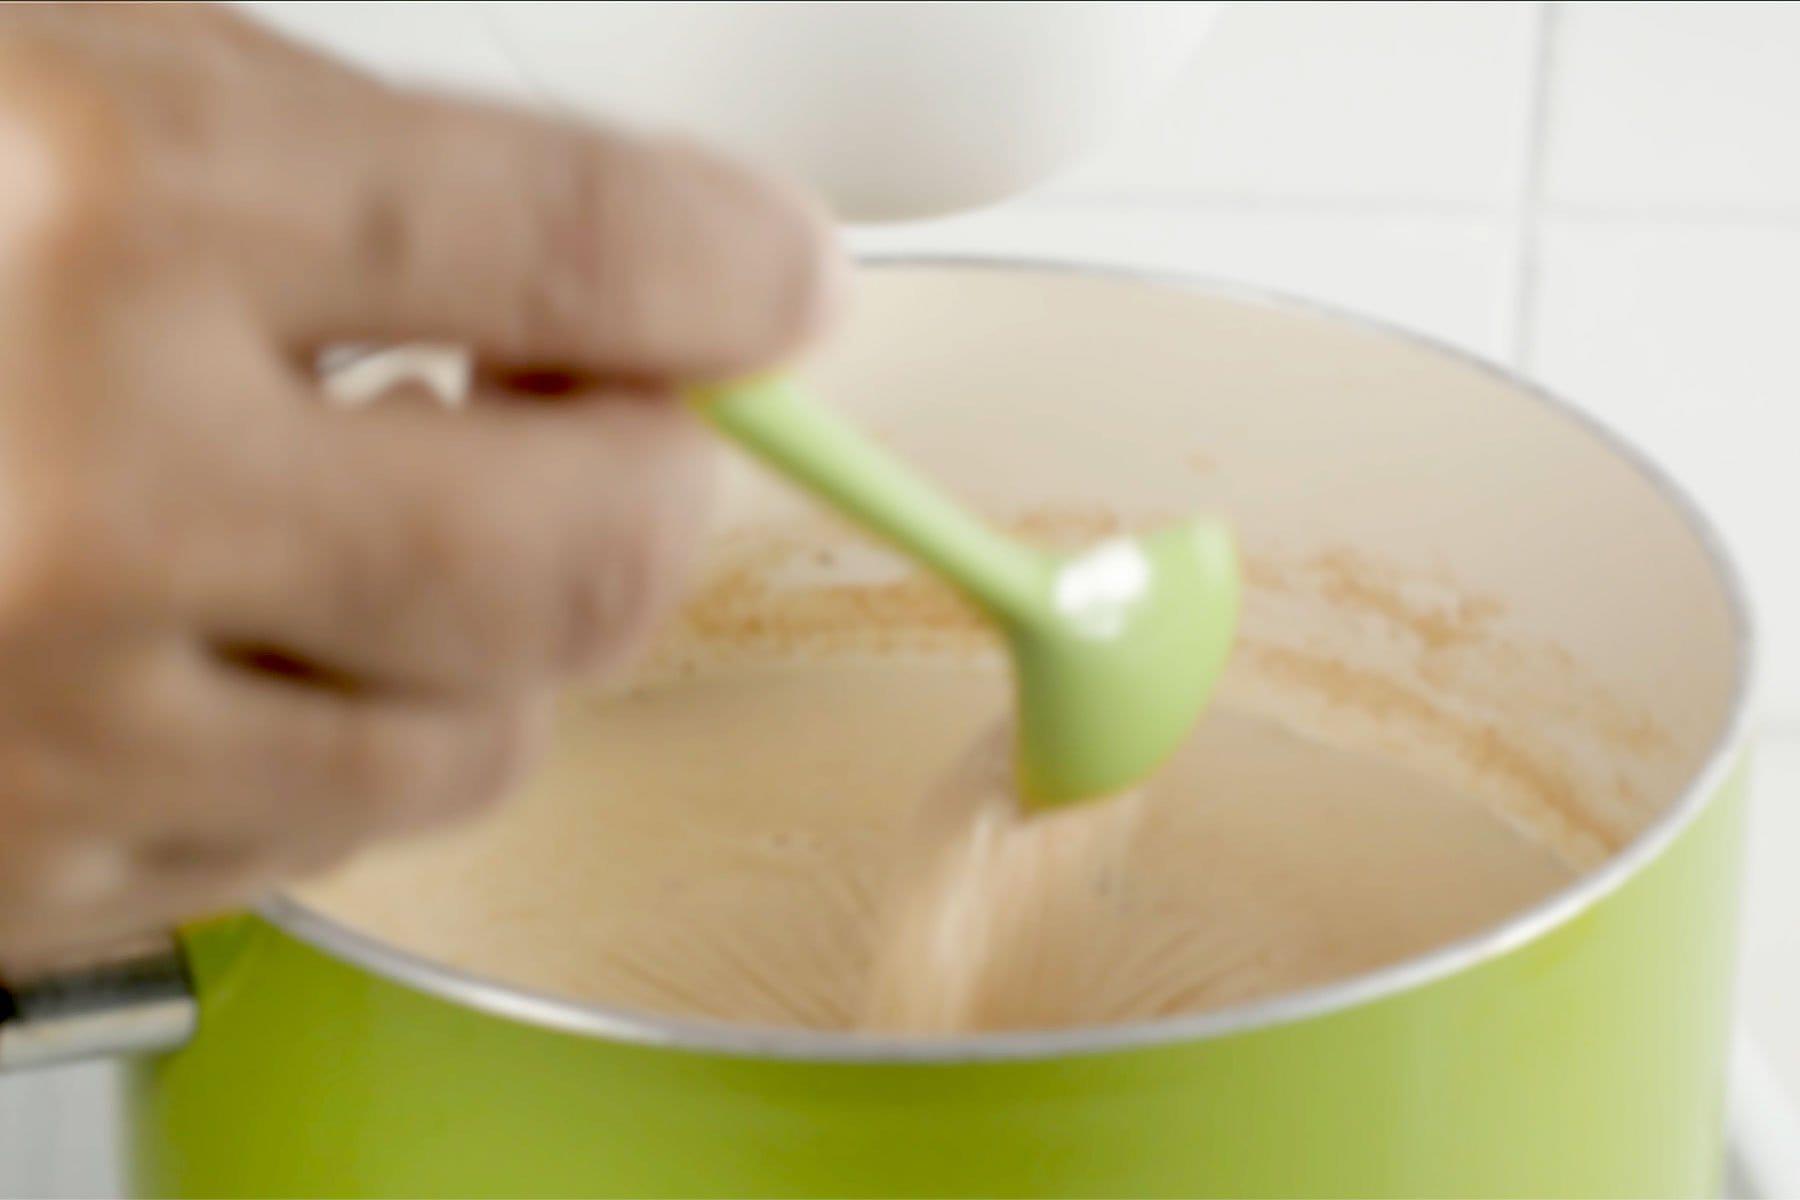 Agregando azúcar y reduciendo avena